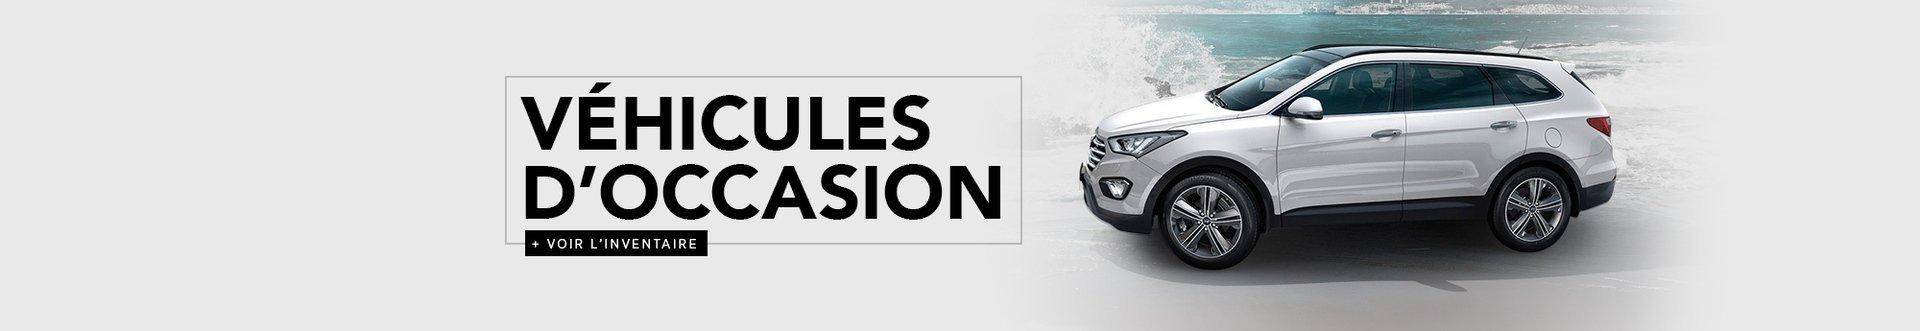 Hyundai Derniers Modèles >> Concessionnaire Hyundai A Montreal West Island Pres De Laval